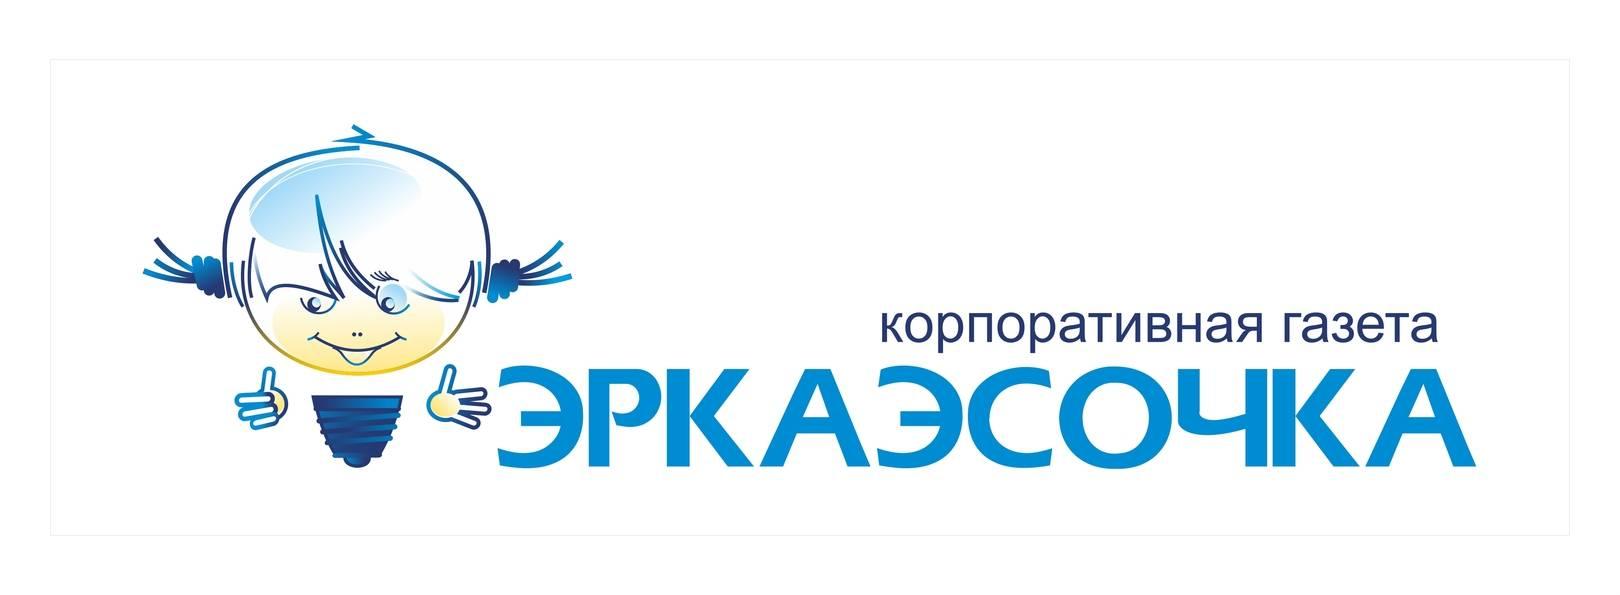 Логотип, с Персонажем.